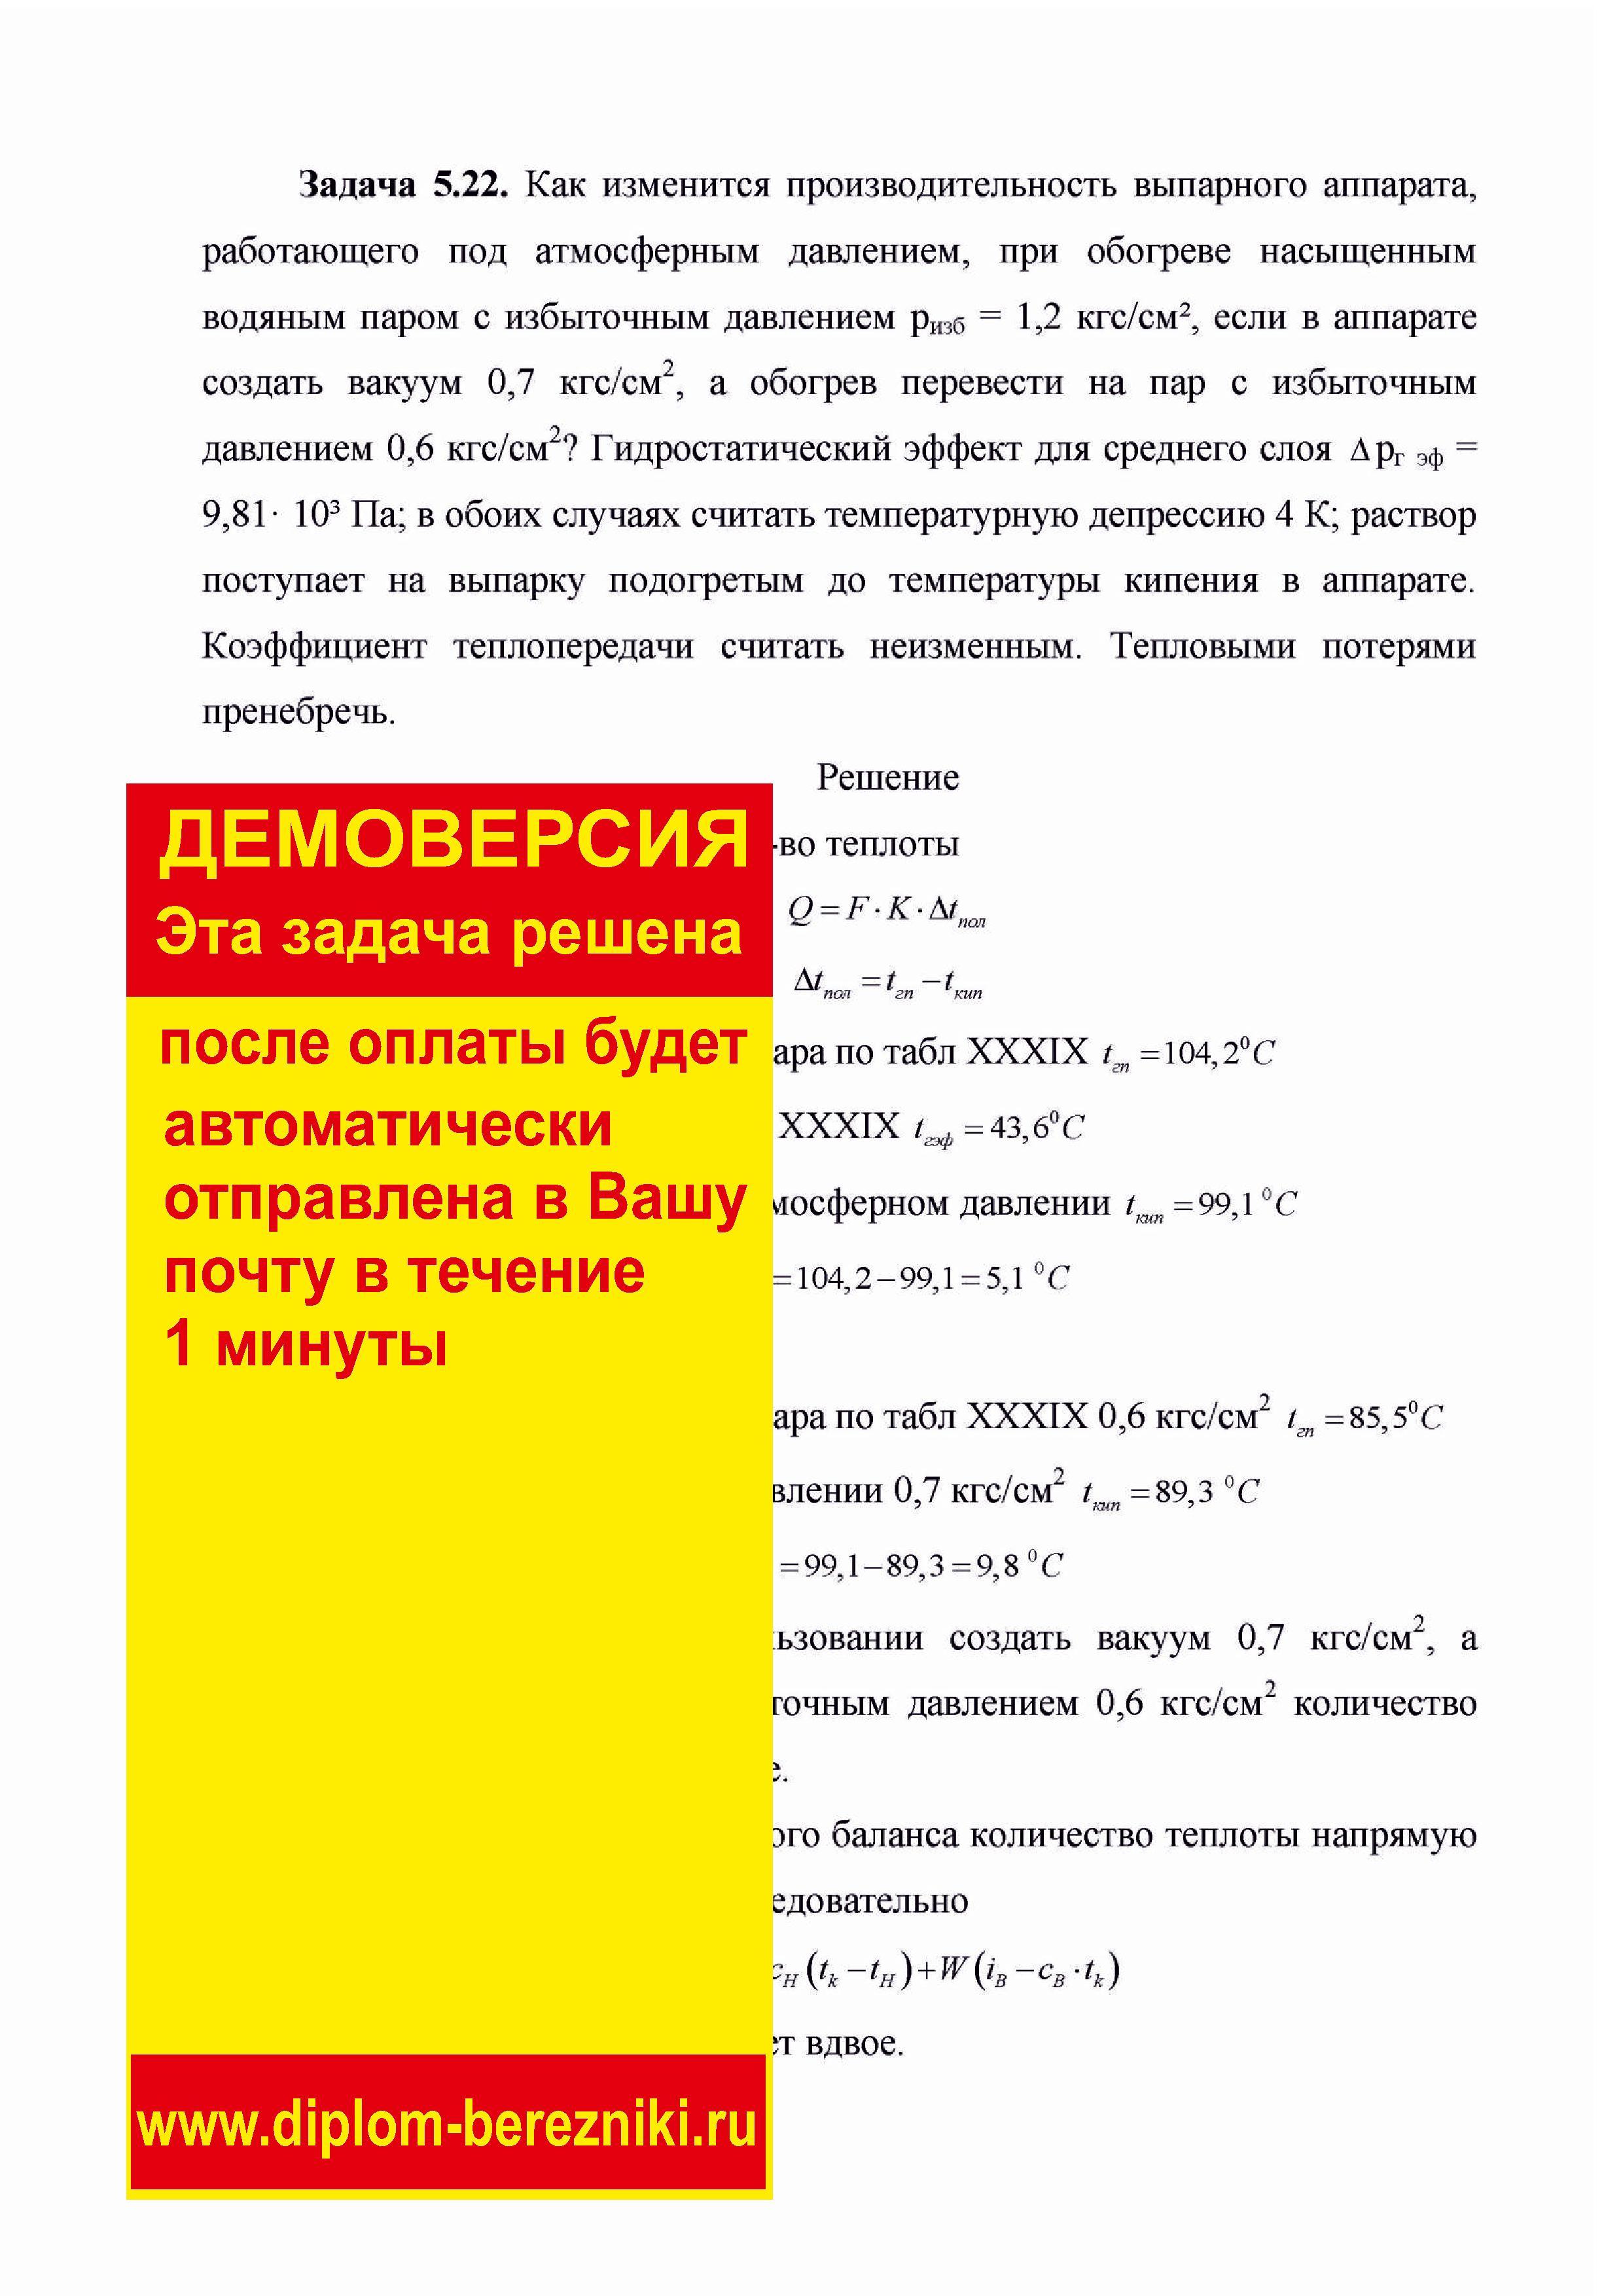 Решение задачи 5.22 по ПАХТ из задачника Павлова Романкова Носкова